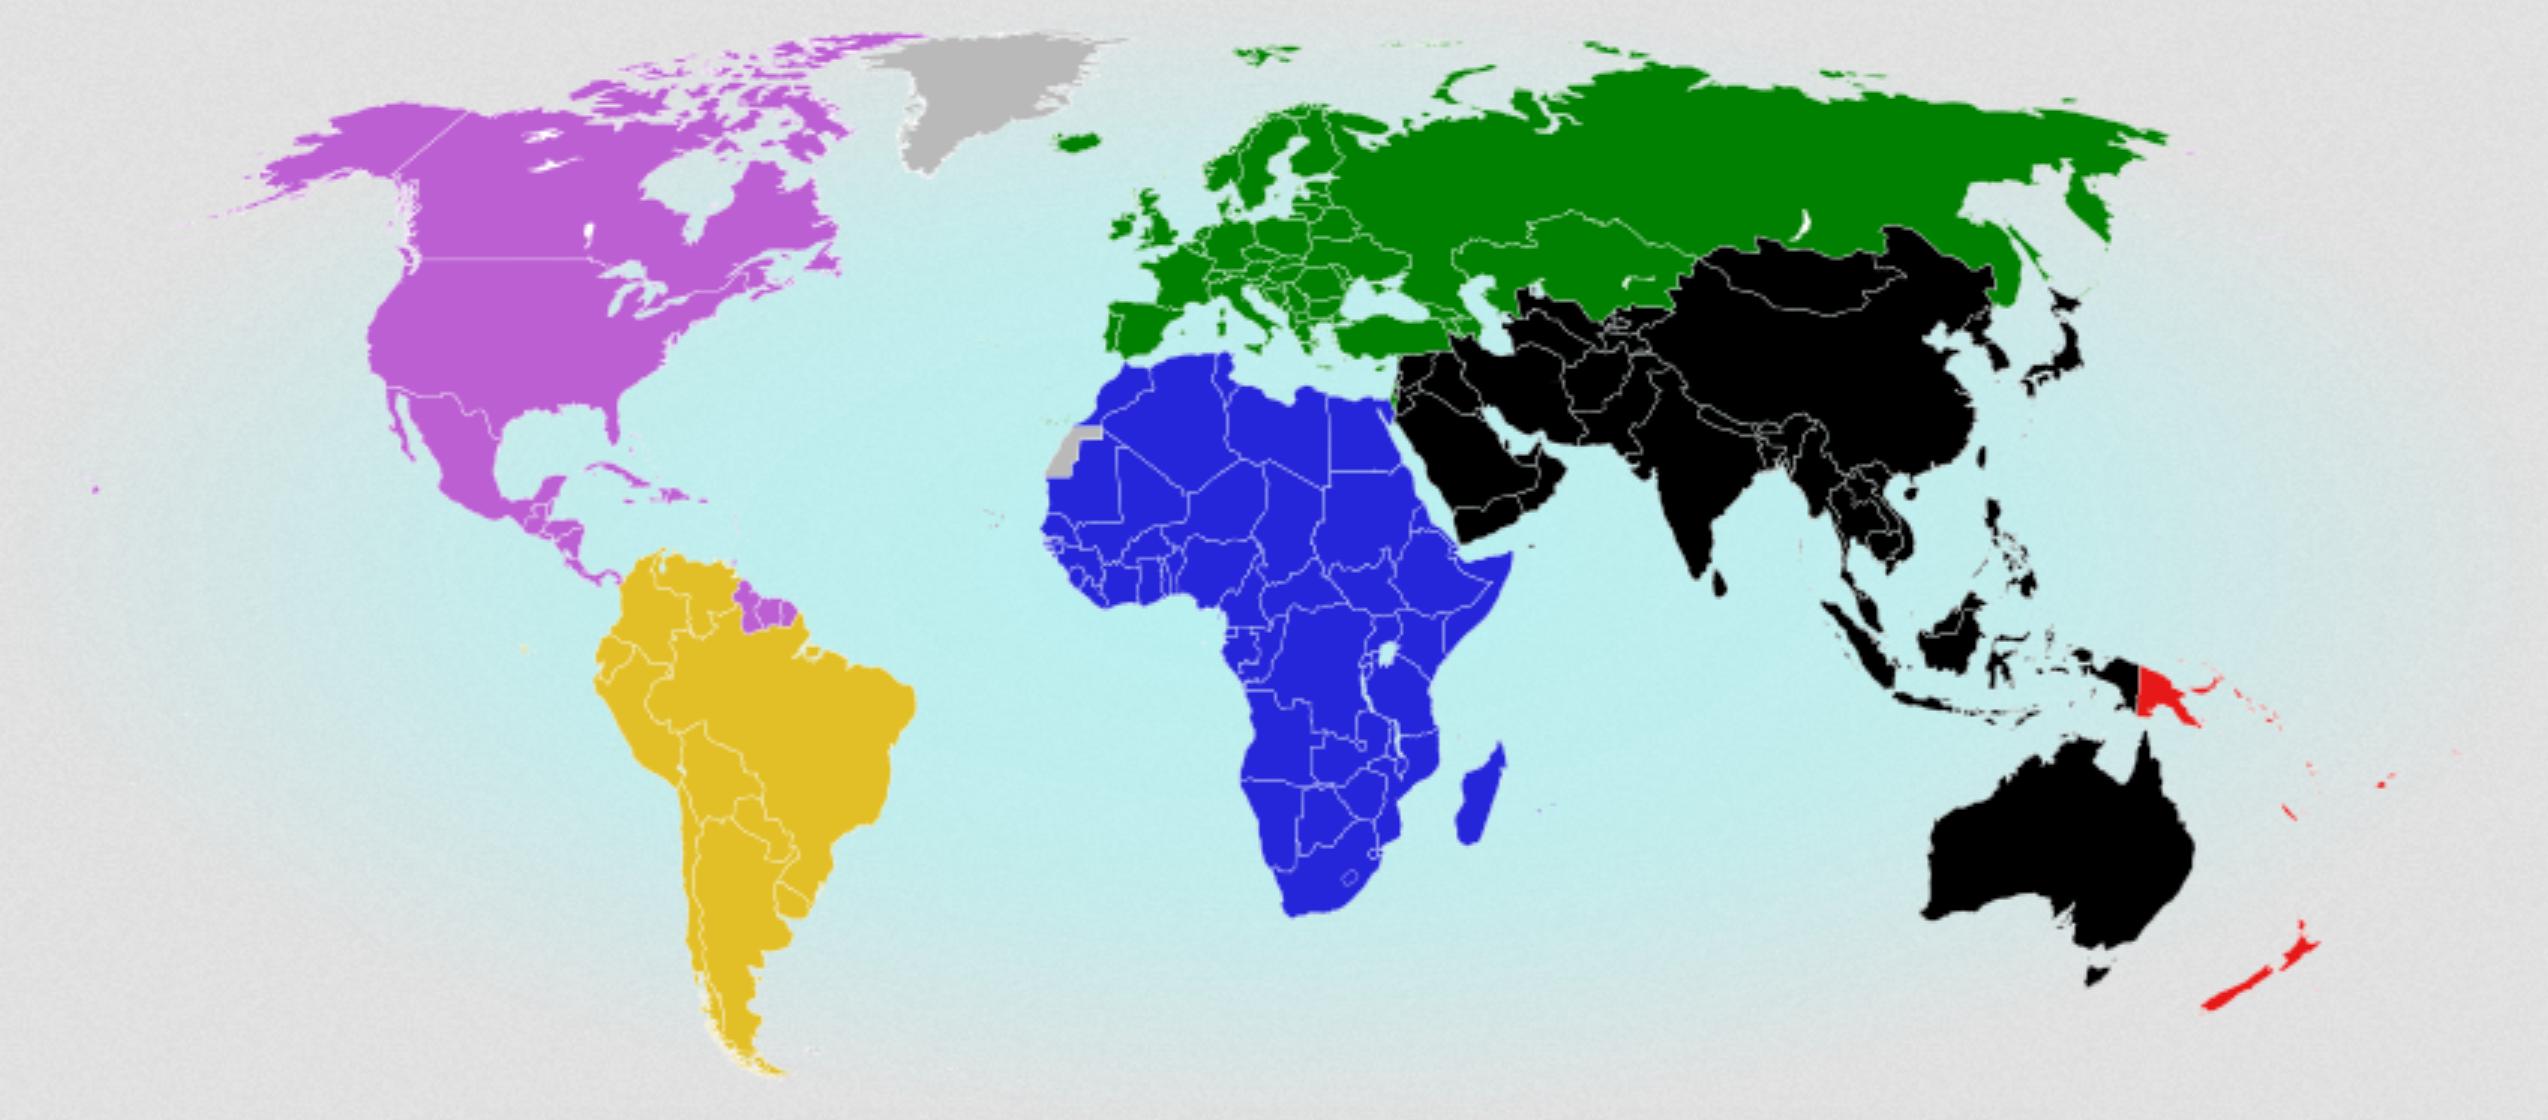 Les pays reconnus par la FIFA. cliquez pour agrandir (Crédit: Political Geography Now)